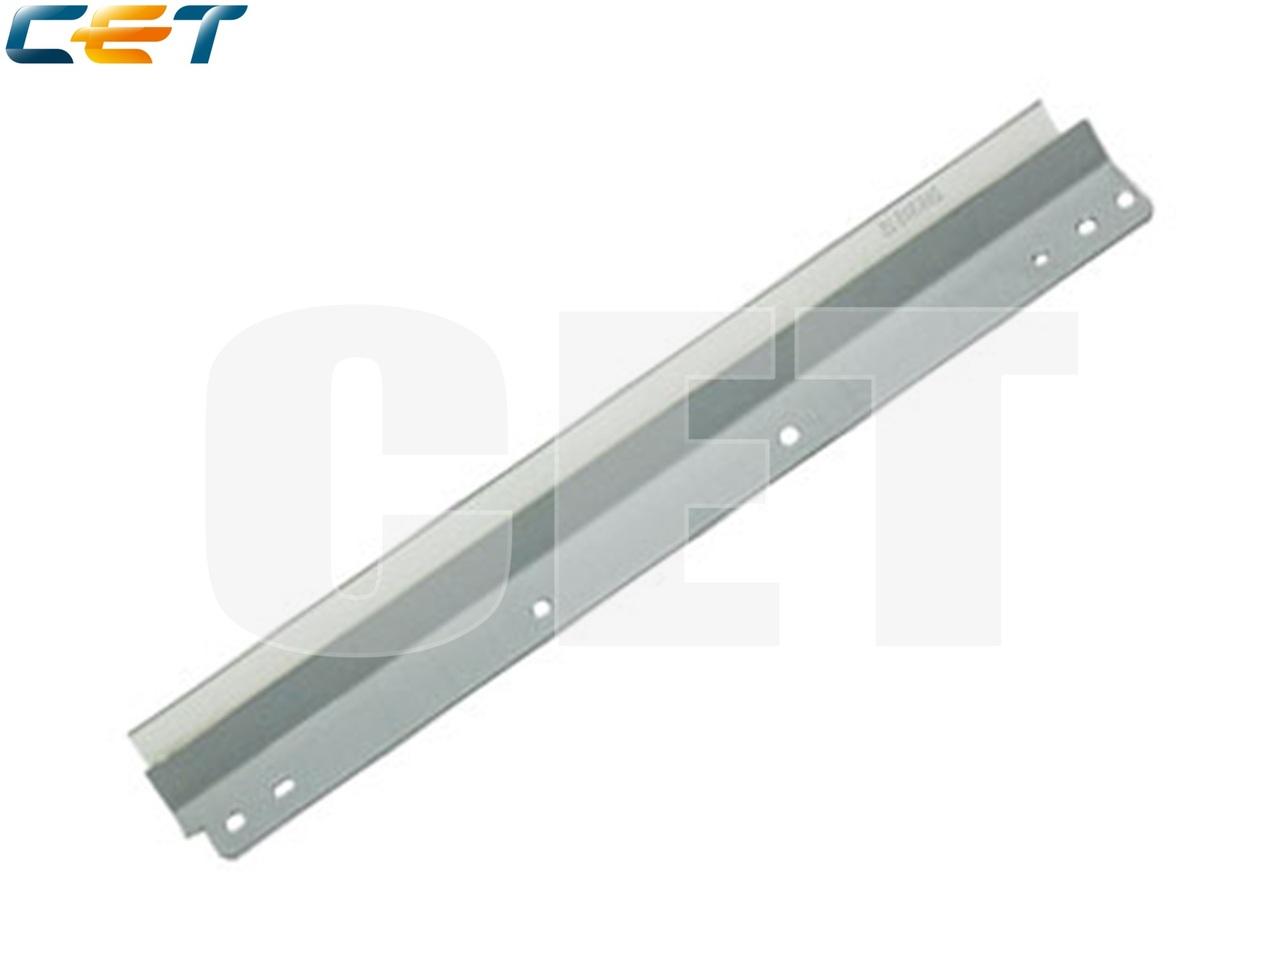 Ракель AL-1000BL, AL-100BL для SHARPAL-1000/1010/1020/1200/1220/1240/1250, AR153/158/208 (CET),CET4557